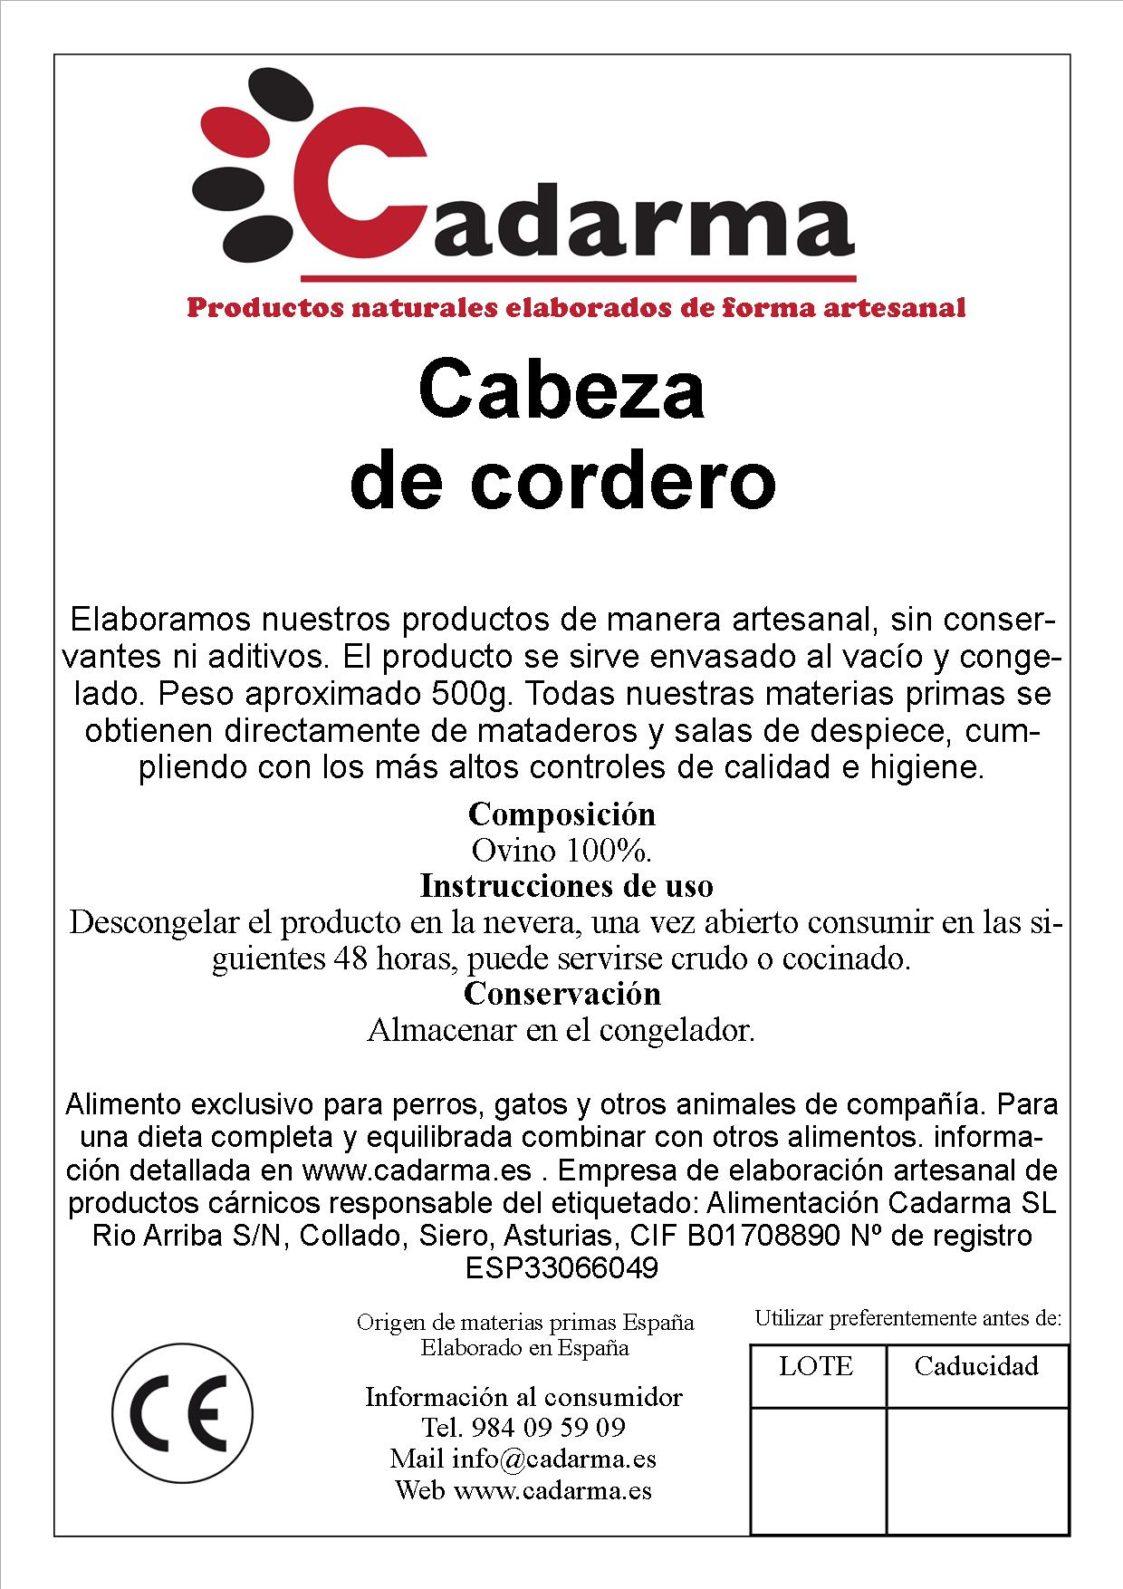 CABEZA DE CORDERO